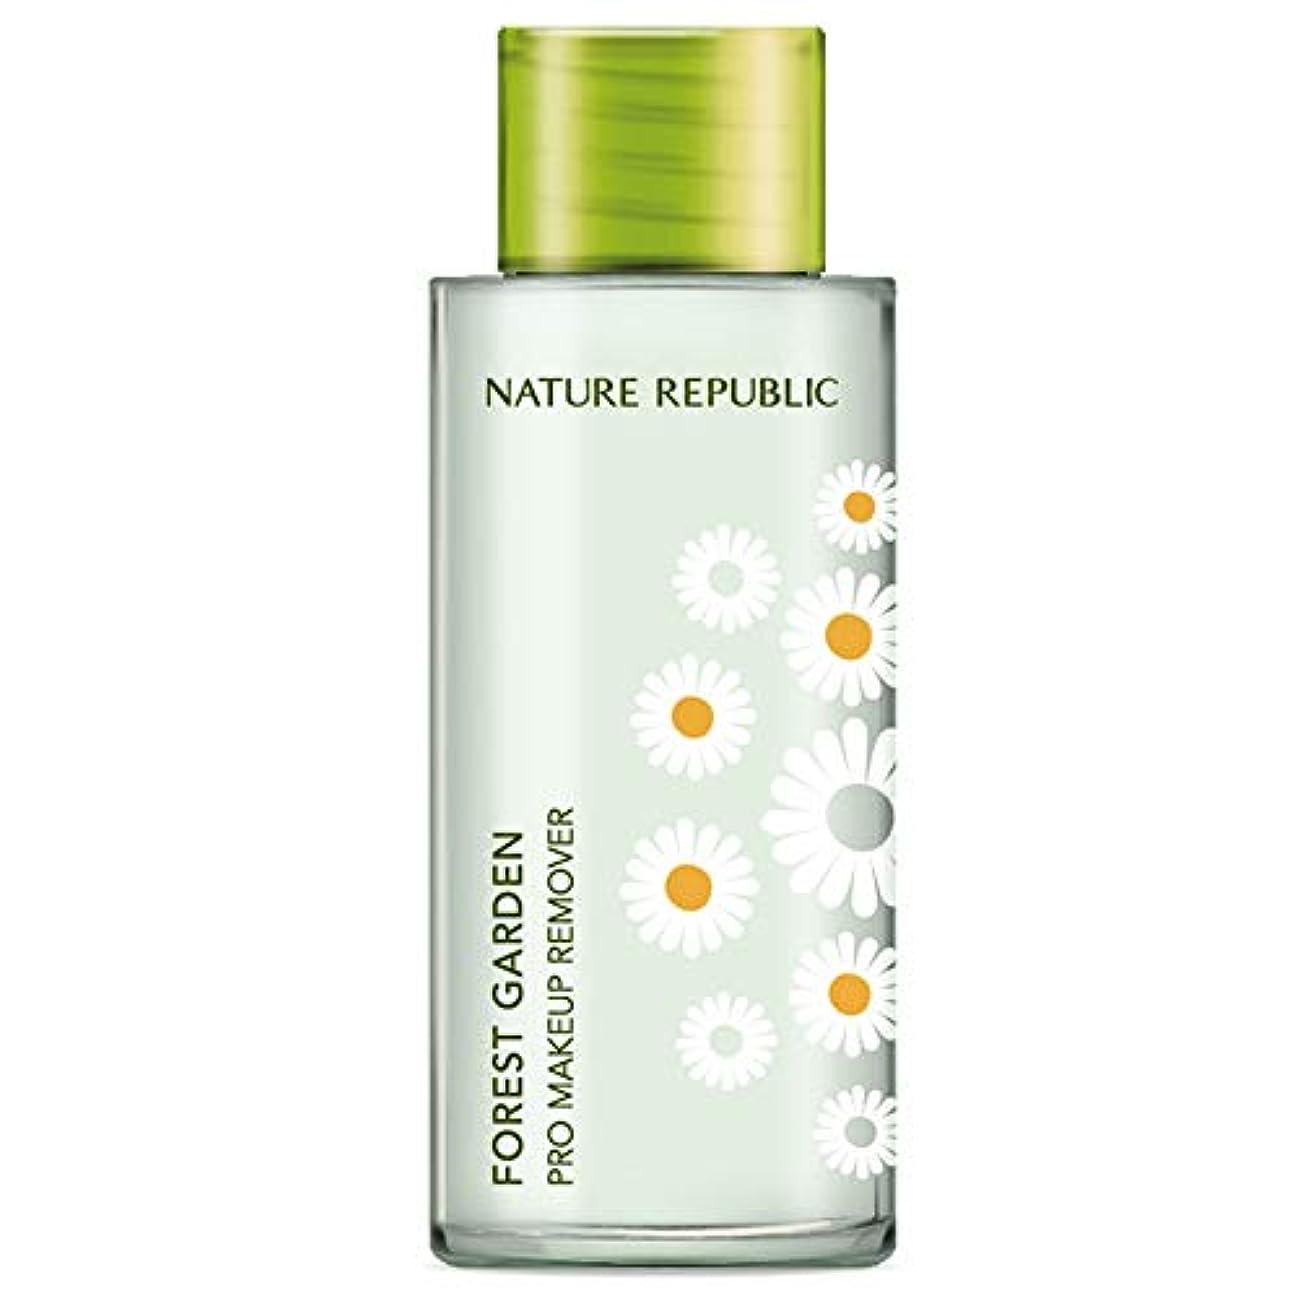 有料隠された変化Nature Republic Forest Garden Pro Makeup Removerネイチャーリパブリックフォレストガーデンプロメーキャップリムーバー [並行輸入品]